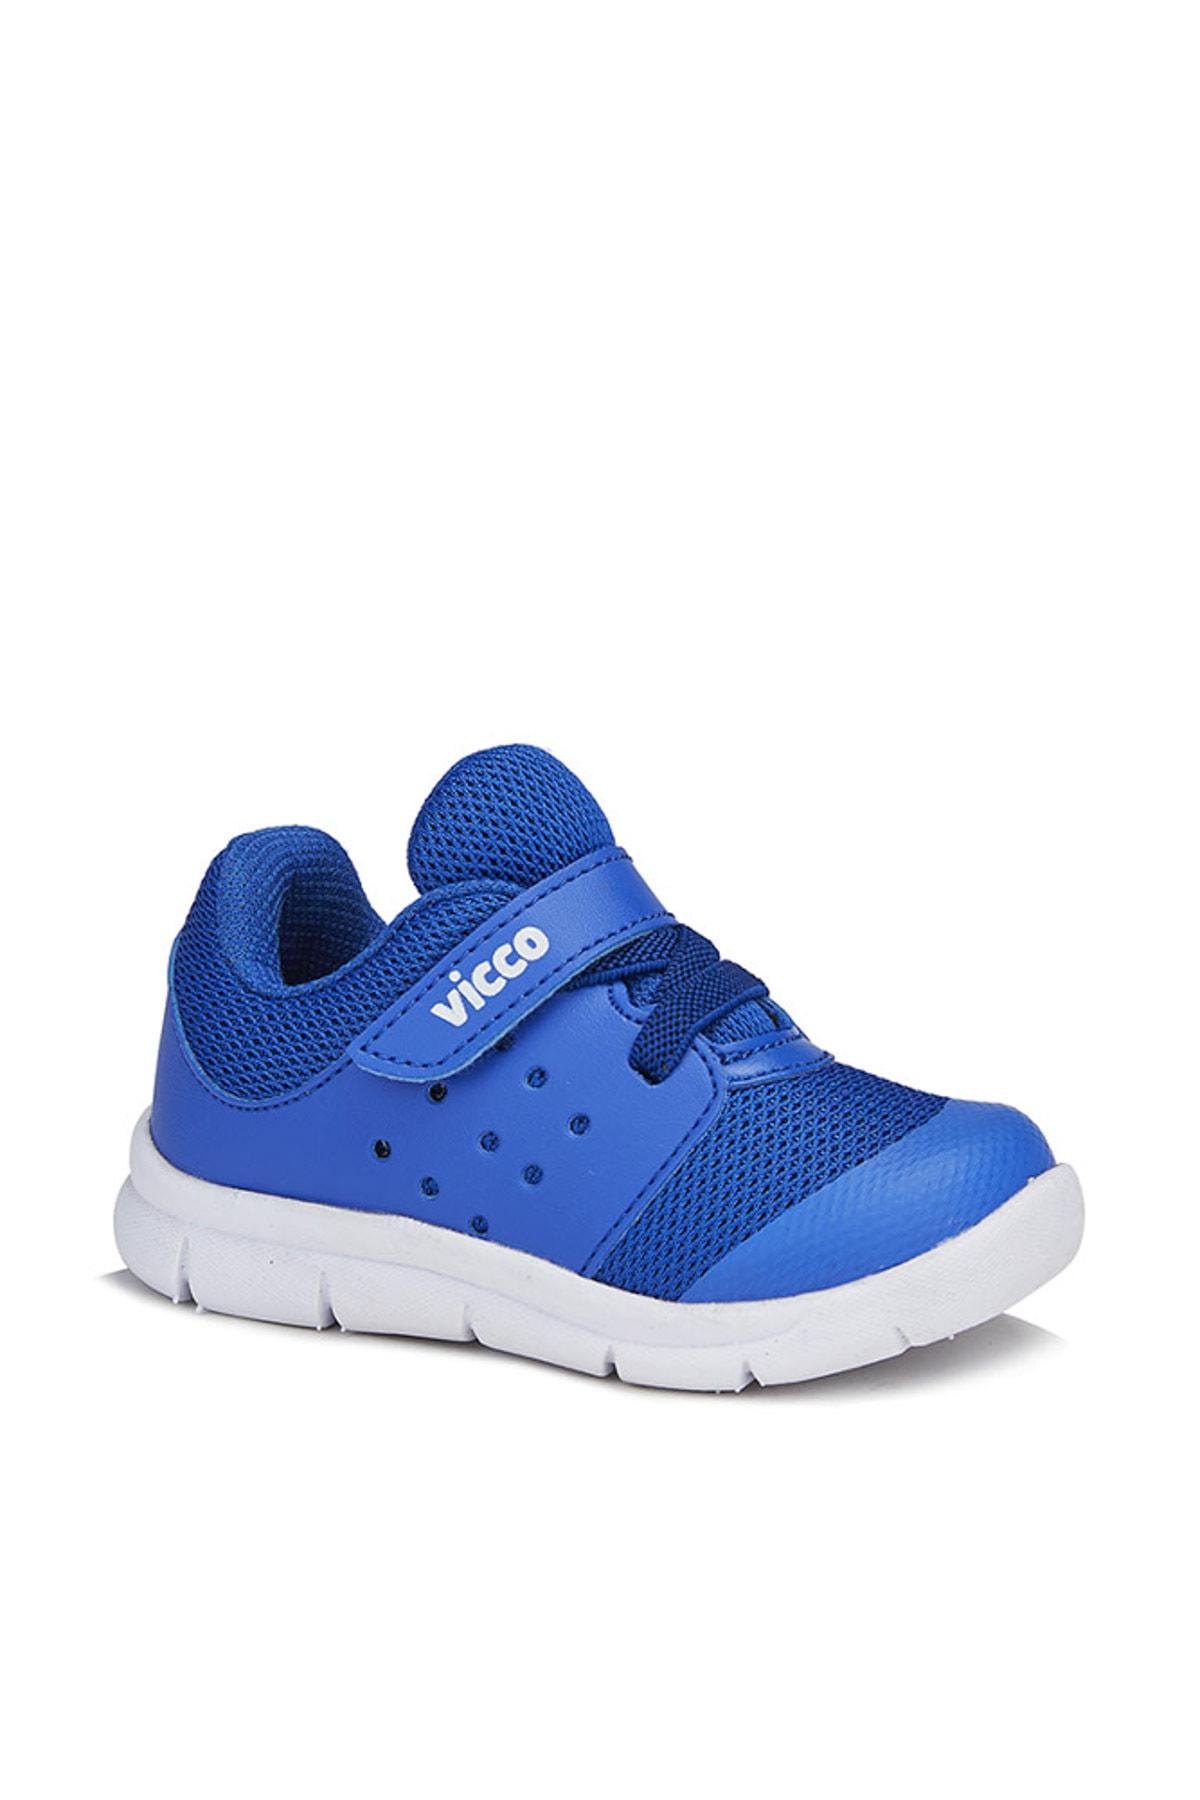 Vicco Mario Erkek Bebe Saks Mavi Spor Ayakkabı 1